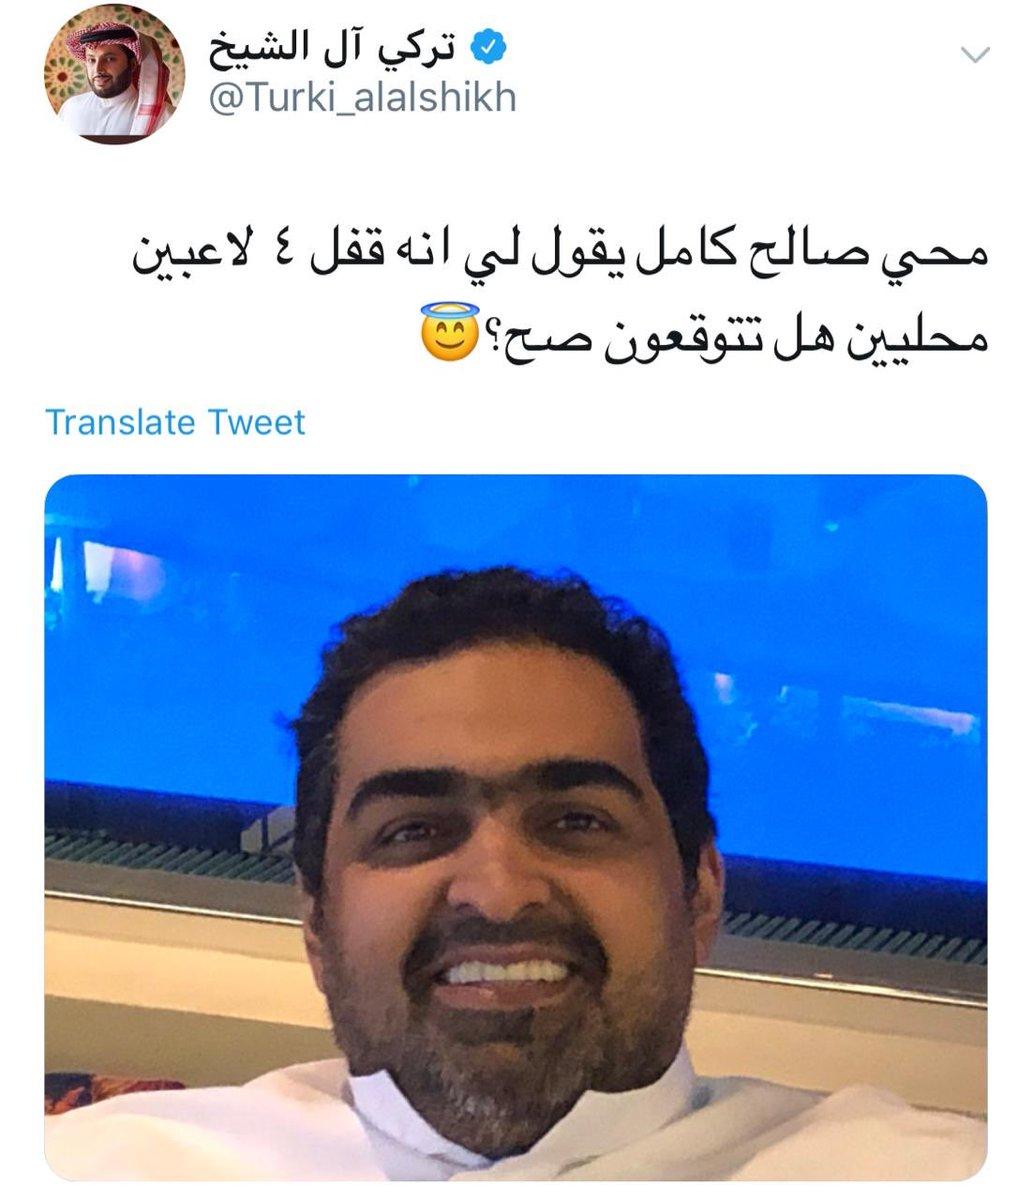 تركي آل الشيخ- تويتر: محي صالح كامل يقول لي انه قفل ٤ لاعبين محليين هل تتوقعون صح؟